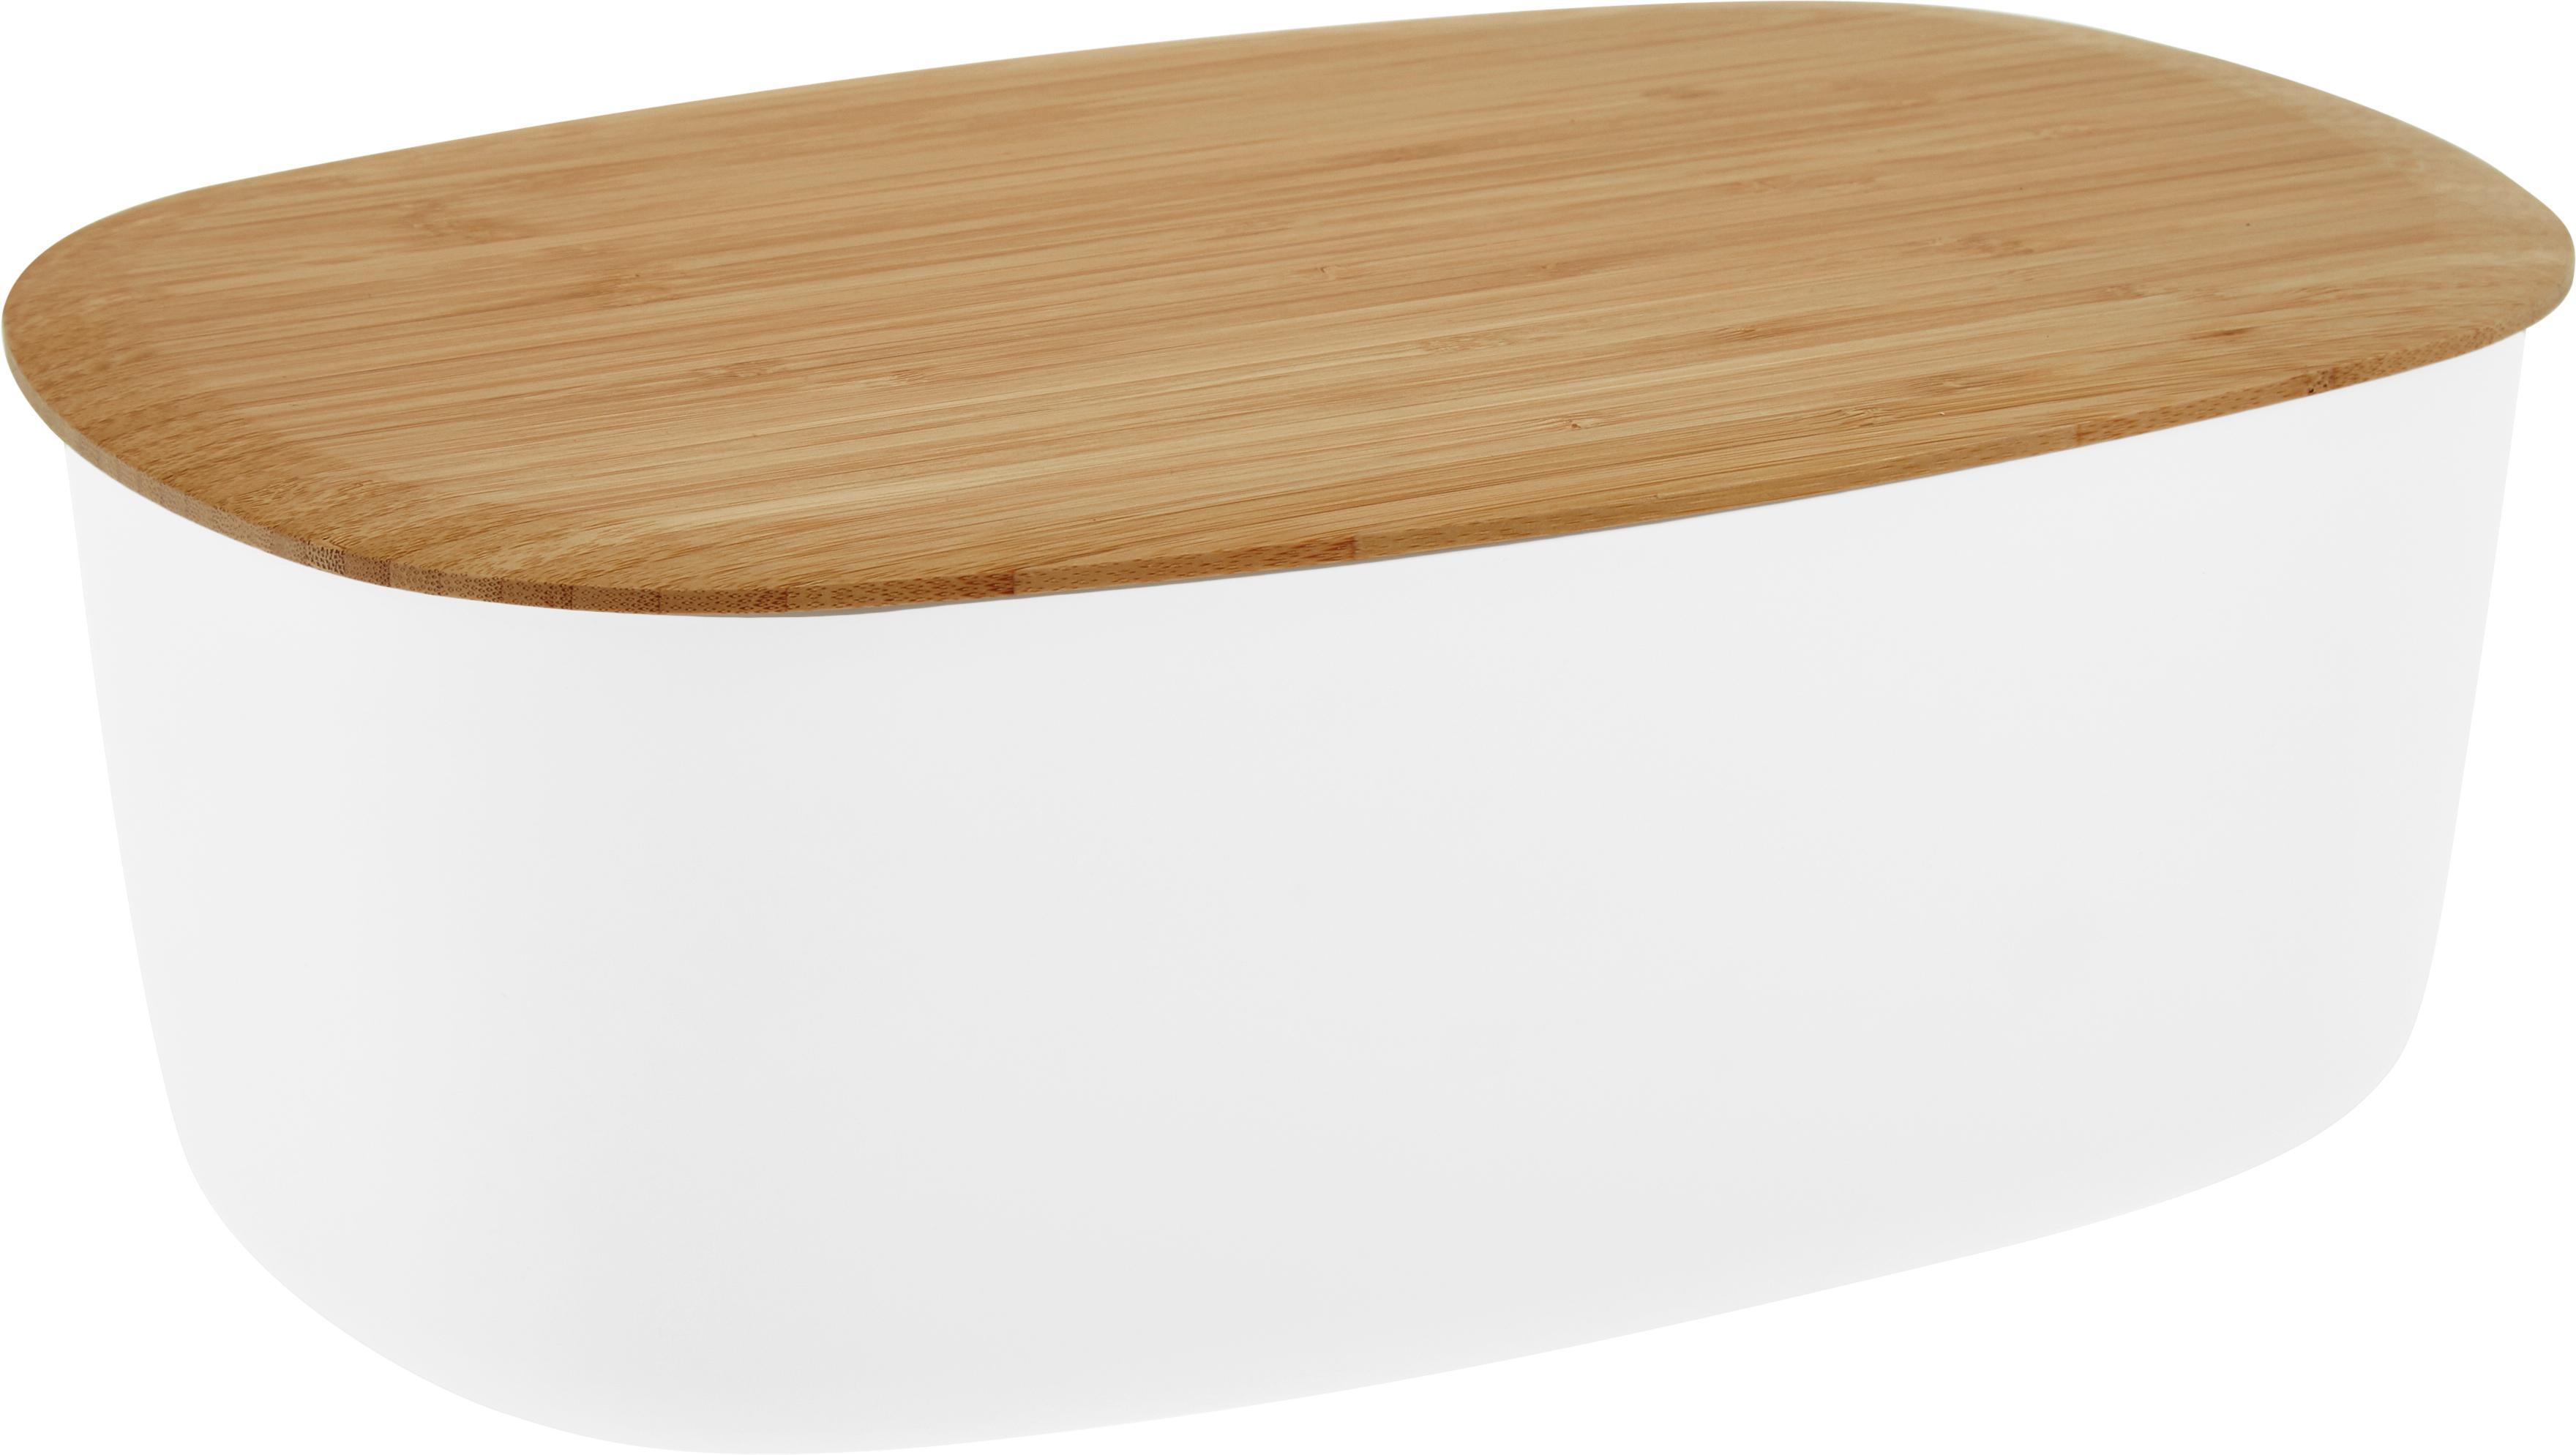 Designer Brotkasten Box-It mit Bambusdeckel, Melamin, Bambus, Dose: Weiss<br>Deckel: Braun, 35 x 12 cm